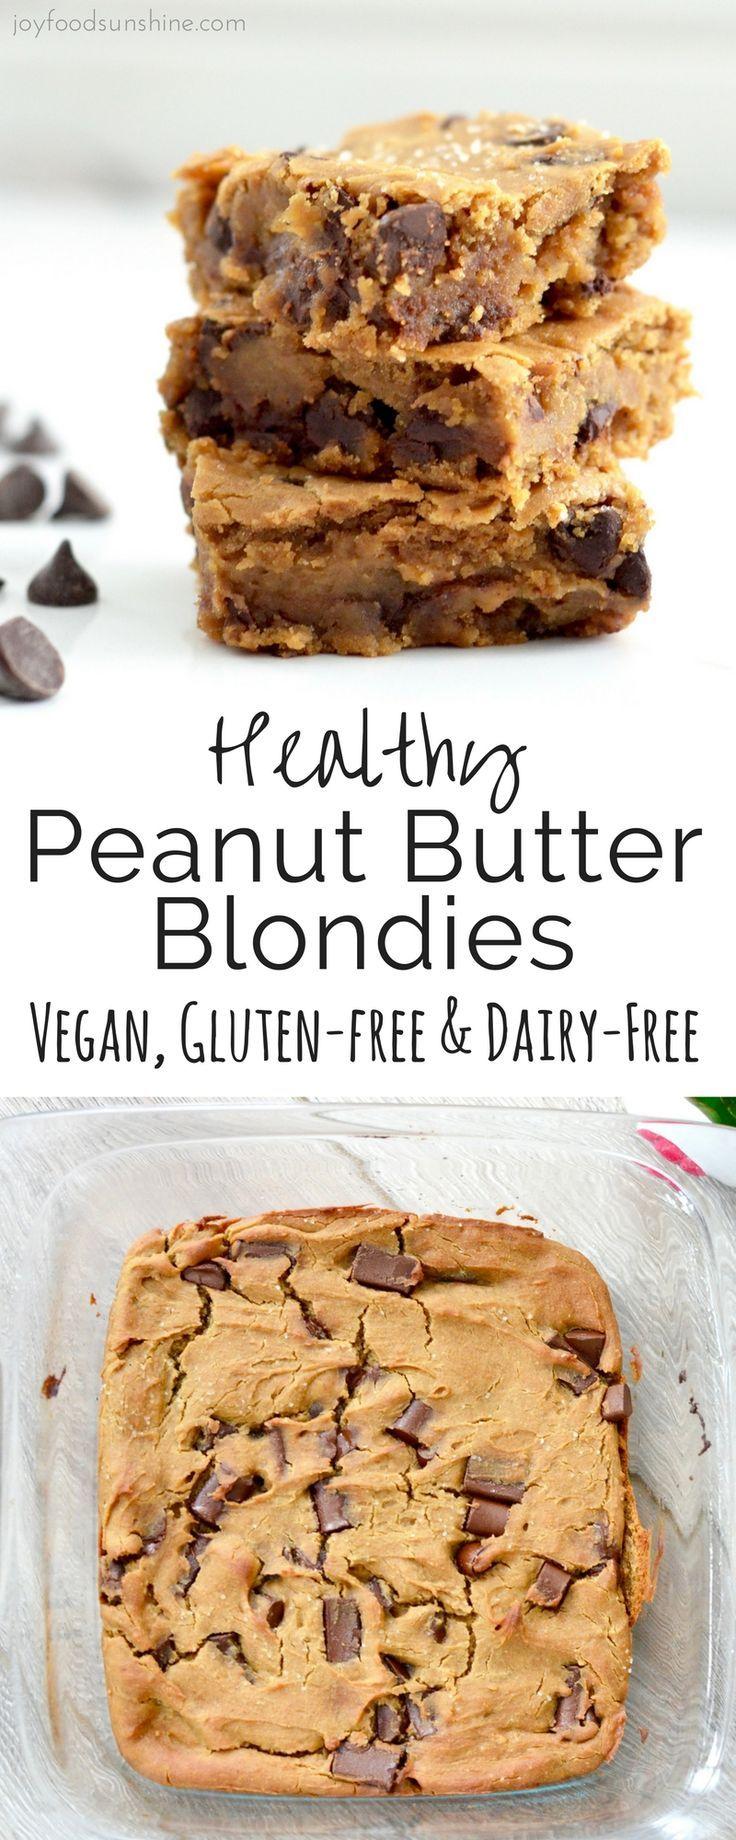 Gesunde Erdnussbutter Blondies! Die Verwendung von Kichererbsen macht diese Riegel zu einem Dessert, bei dem Sie sich gut fühlen können! Sie sind glutenfrei, milchfrei, raffiniert zuckerfrei und vegan freundlich